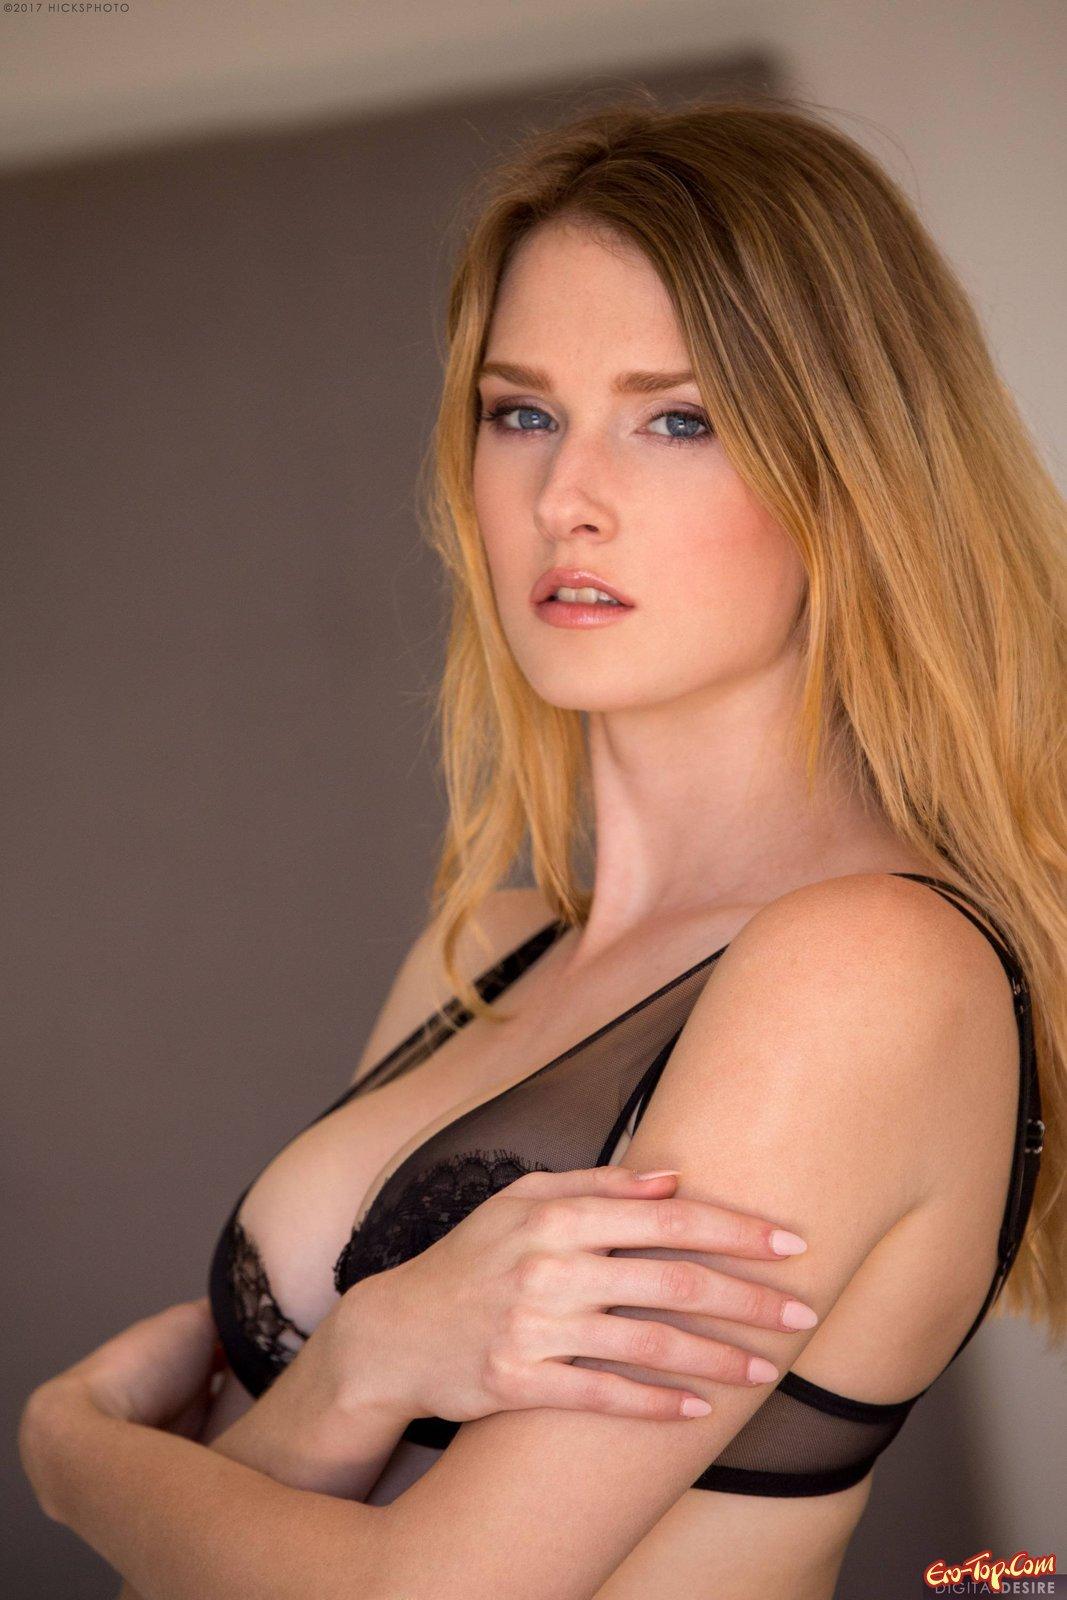 Блондинка с сексапильной возбуждающей сракой